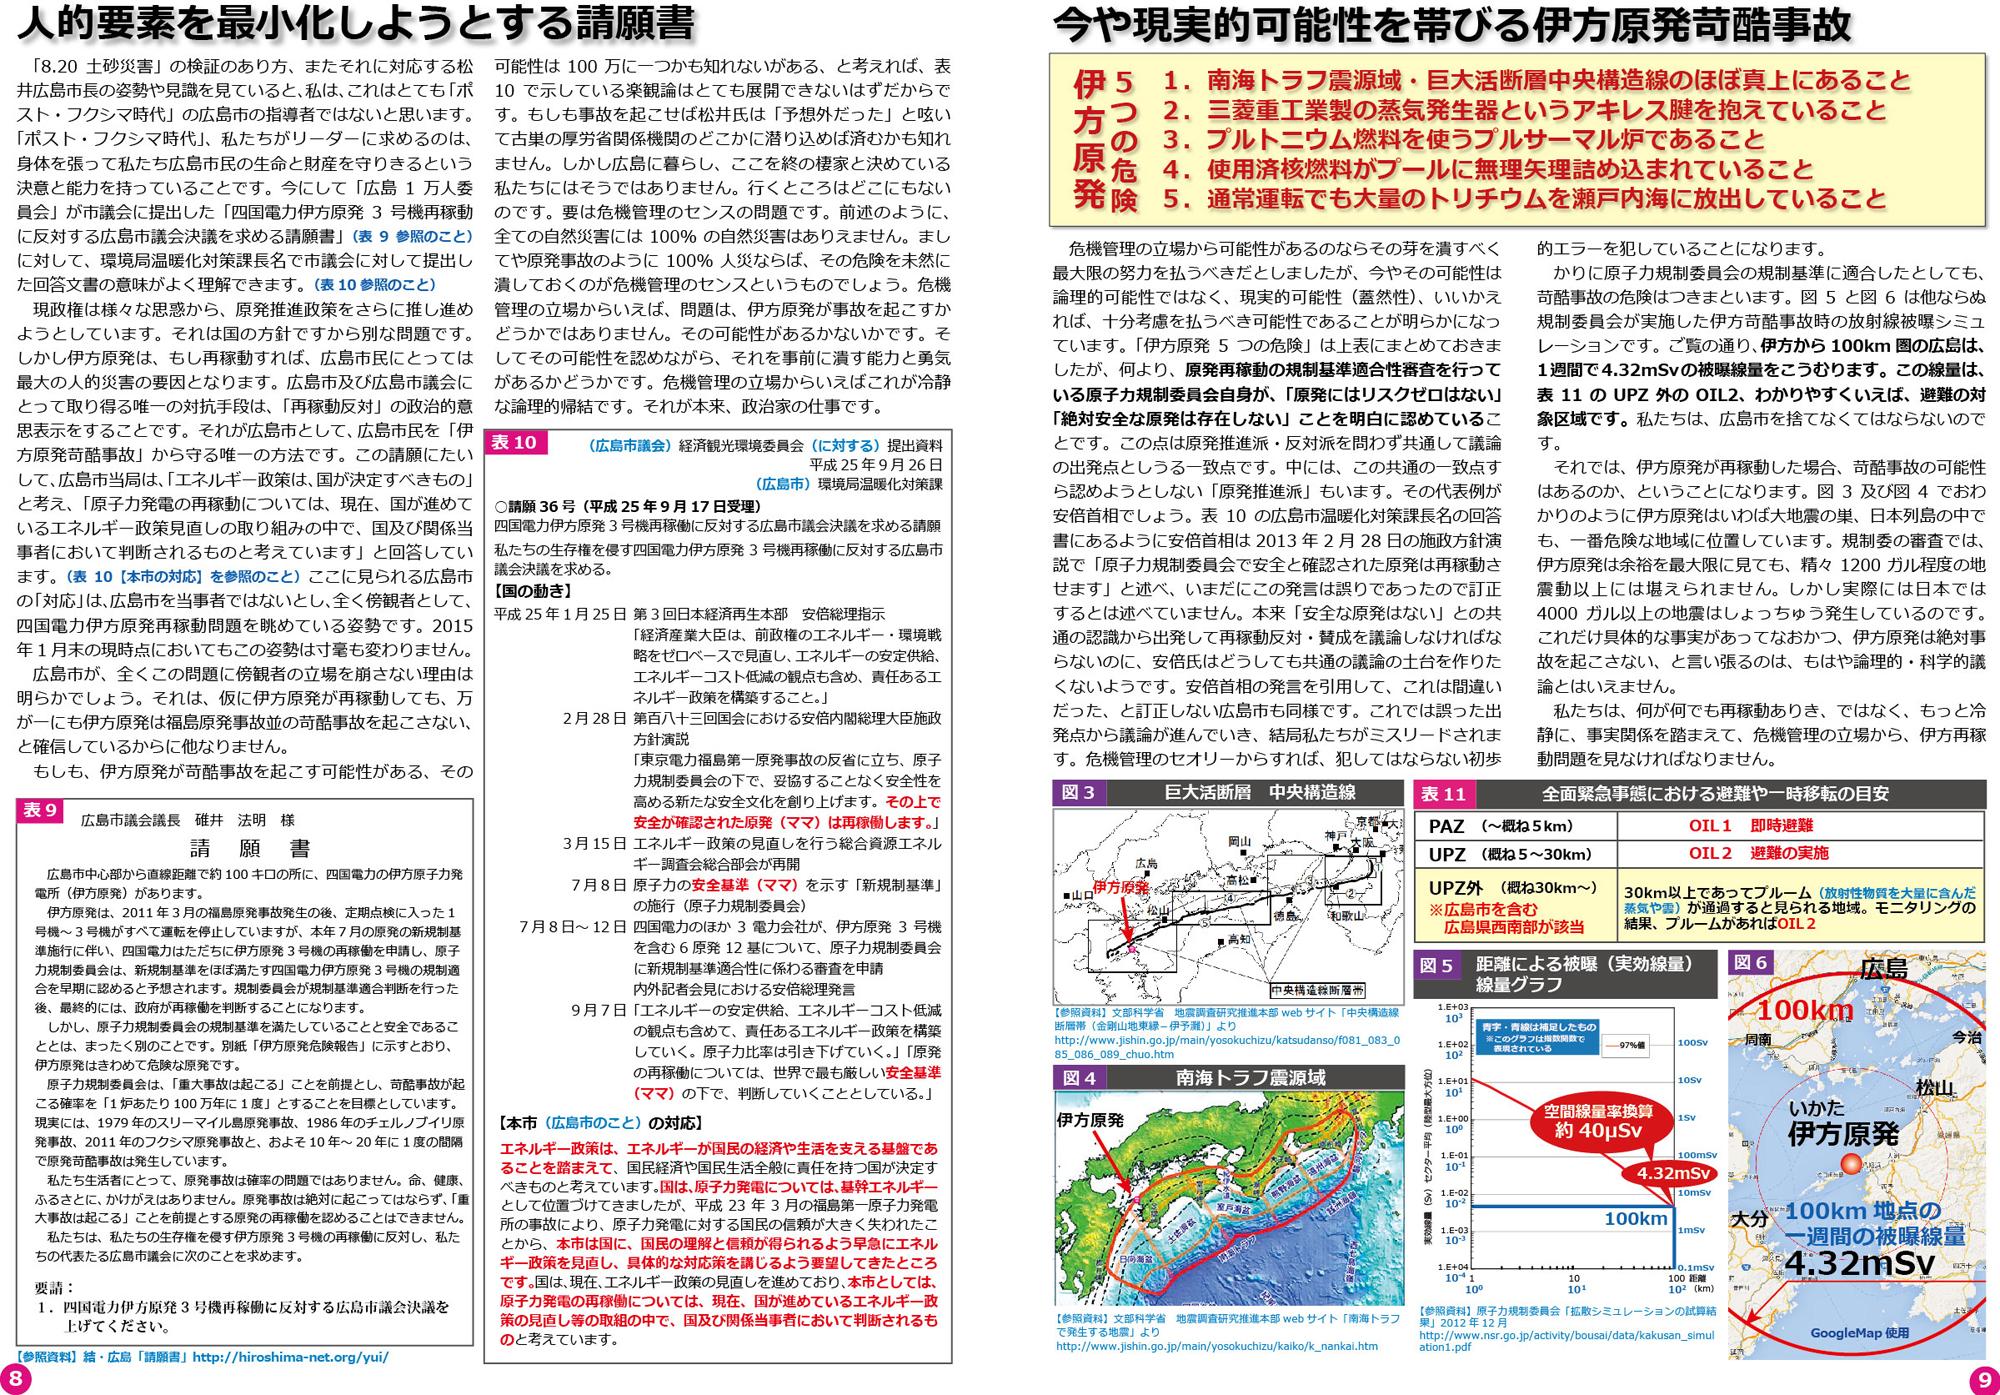 ファイル 98-5.jpg